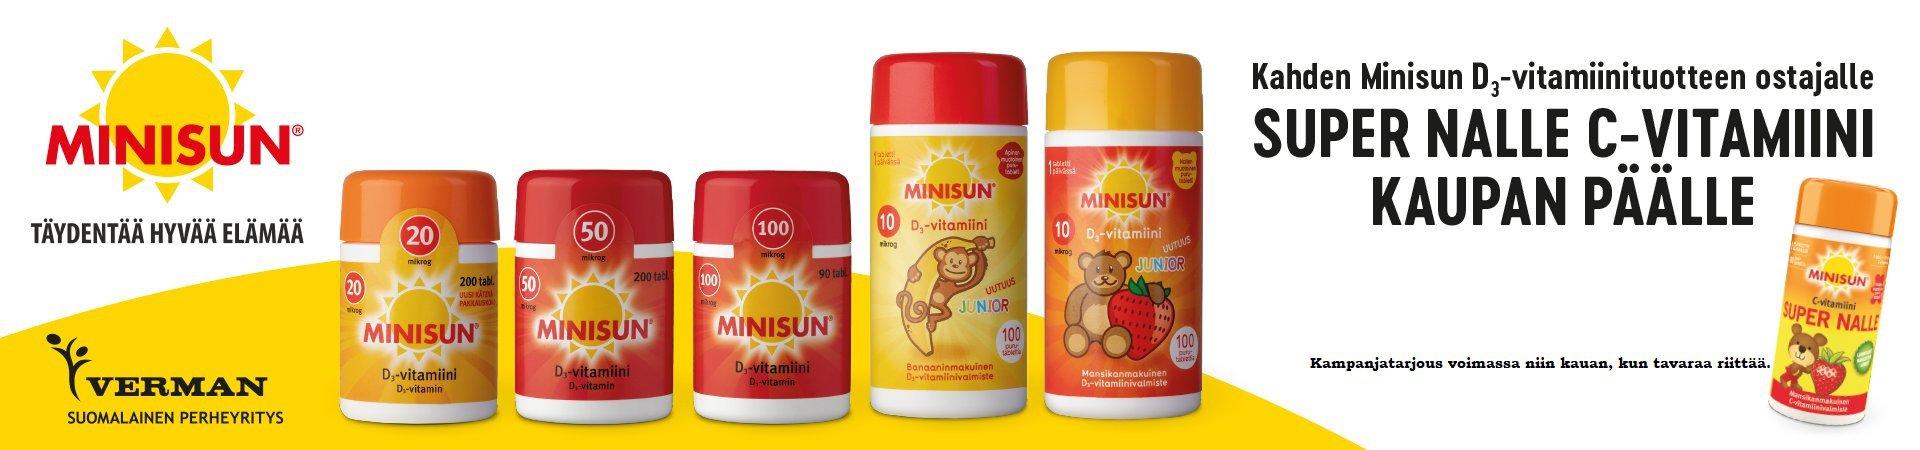 minisun, d-vitamiini, kampanja, kaupan päälle